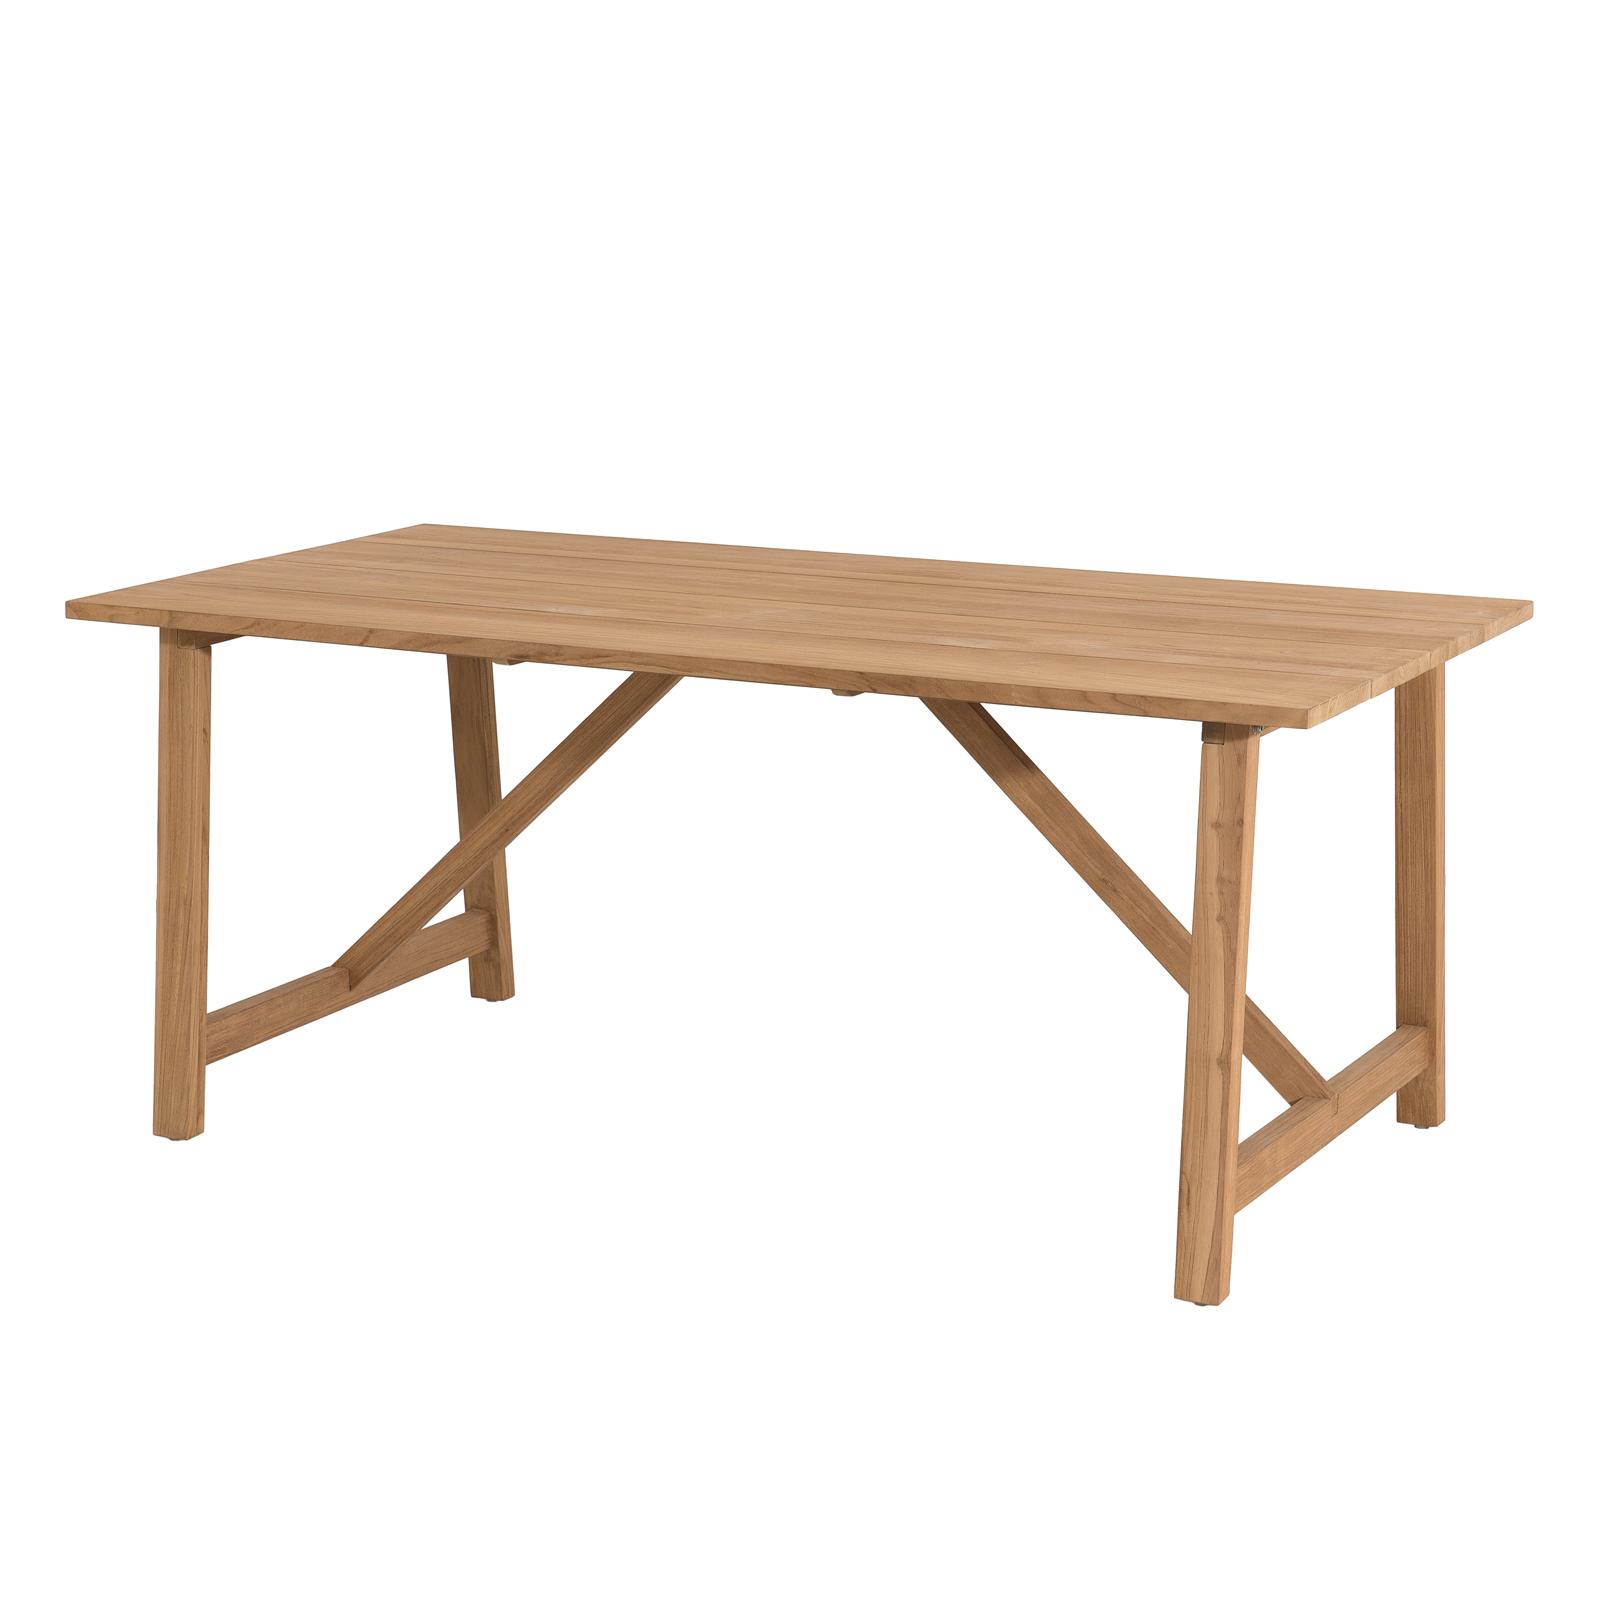 Table 180x90cm Ref30020834 De Jardin Teck Bergen IbfY76gyv